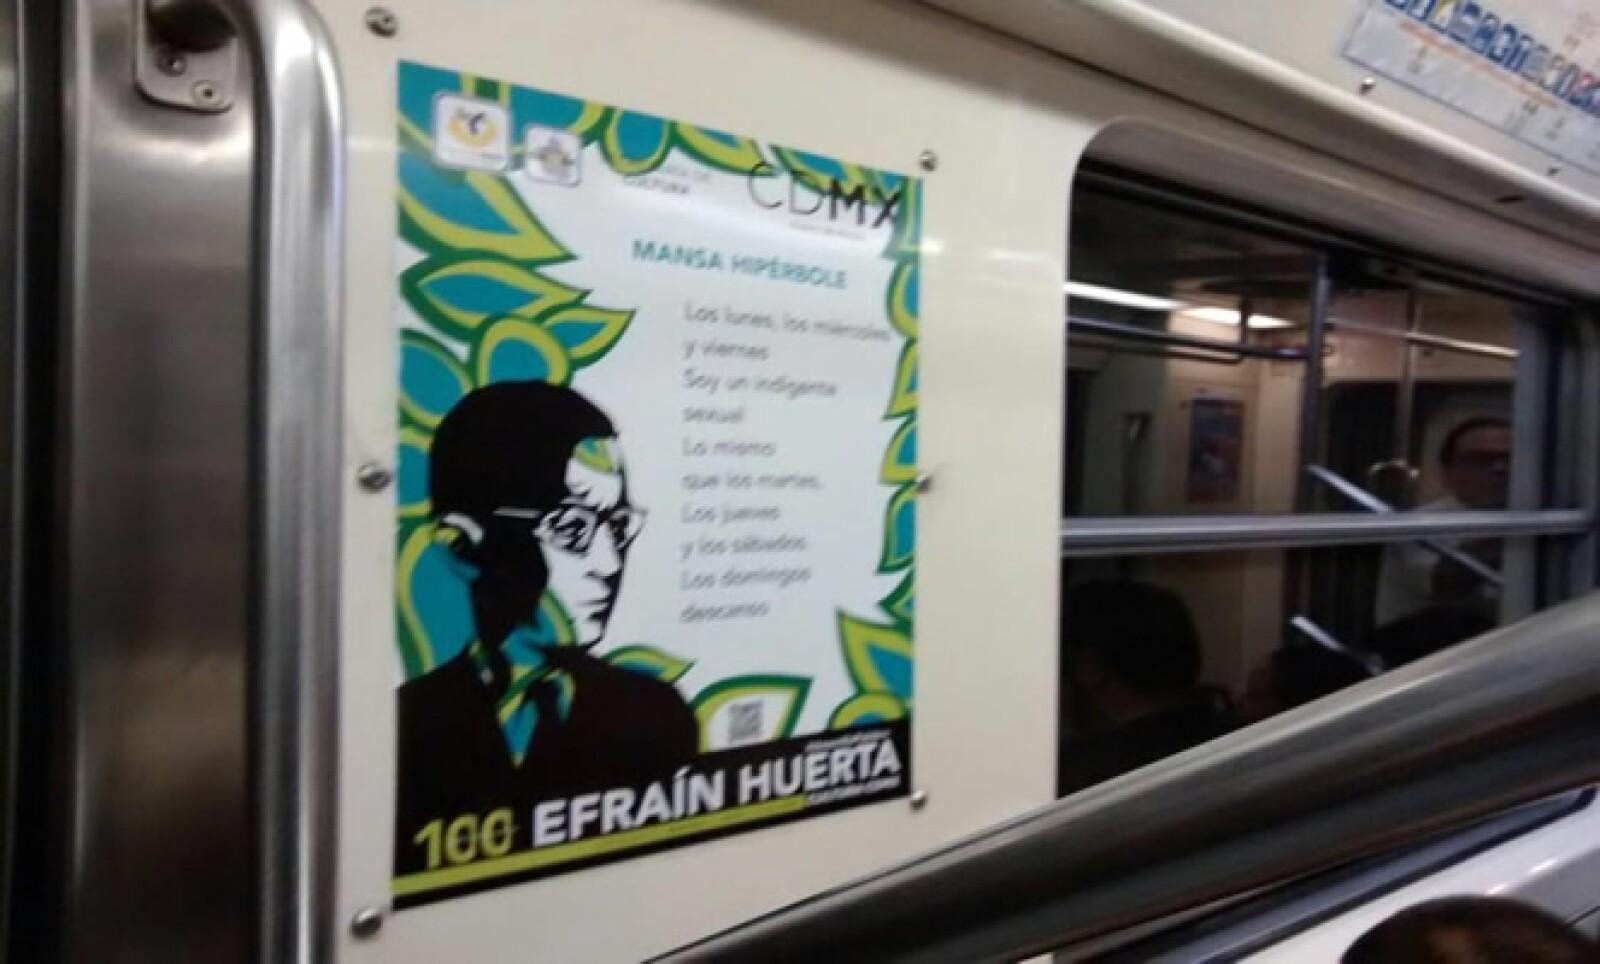 El jefe de Gobierno del DF compartió uno de los poemas de Efraín Huerta que están desde hace meses en los vagones de ese transporte.